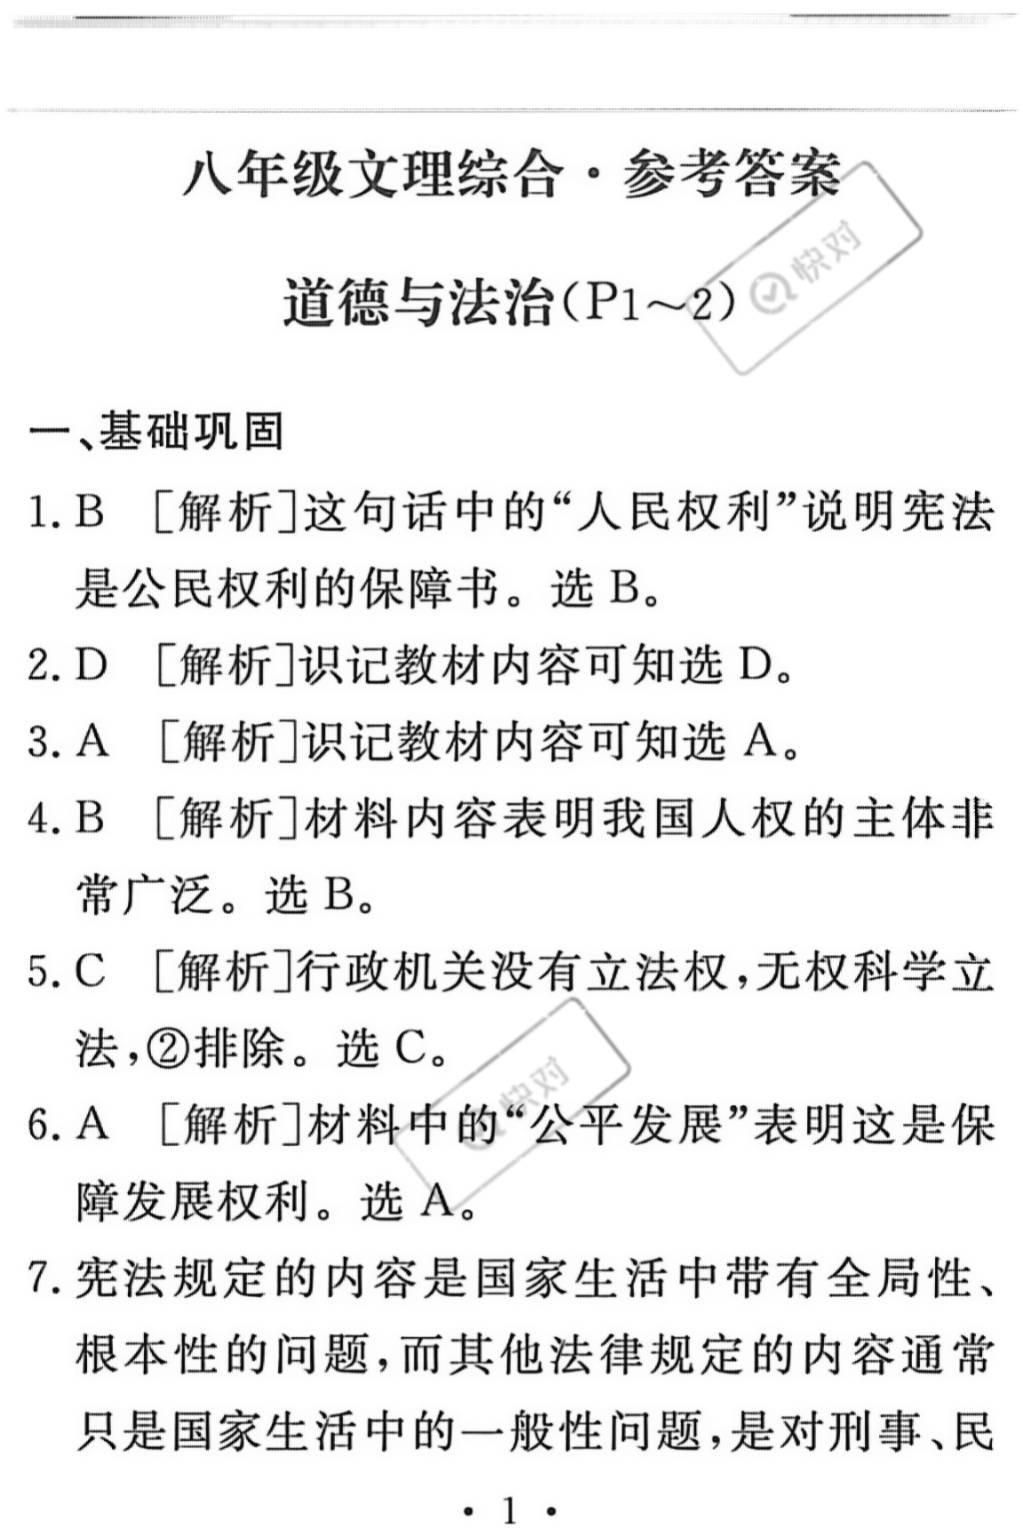 2019年精彩暑假(文理综合)八年级通用版